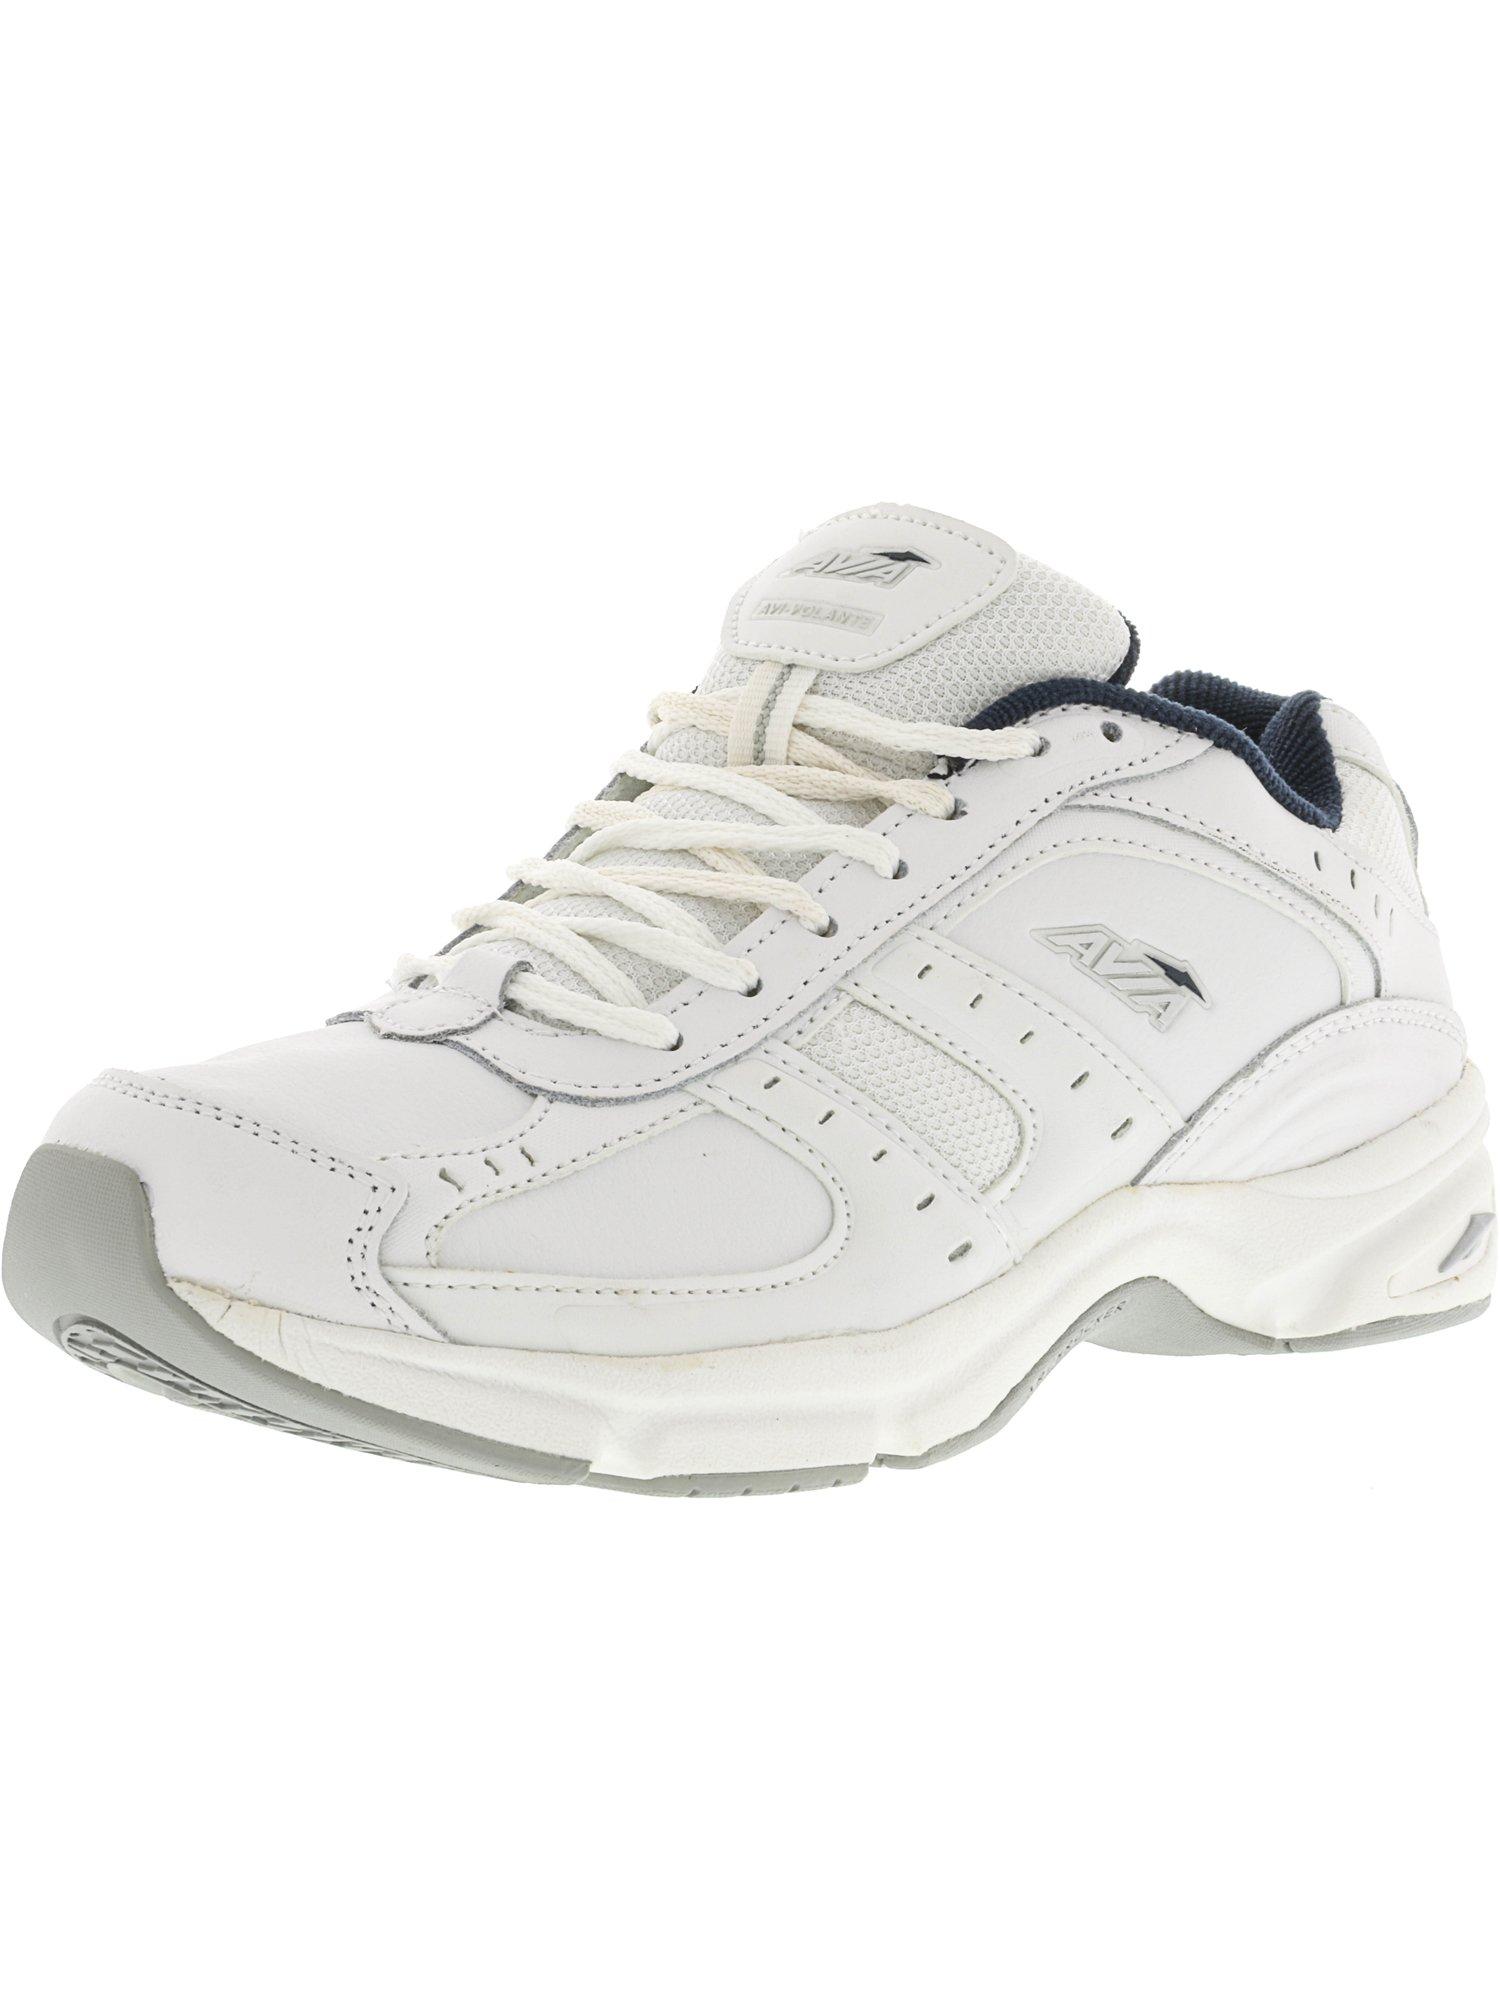 AVIA-Hombre-avi-volante-Tobillo-Alto-Cuero-Cross-Trainer-Zapato